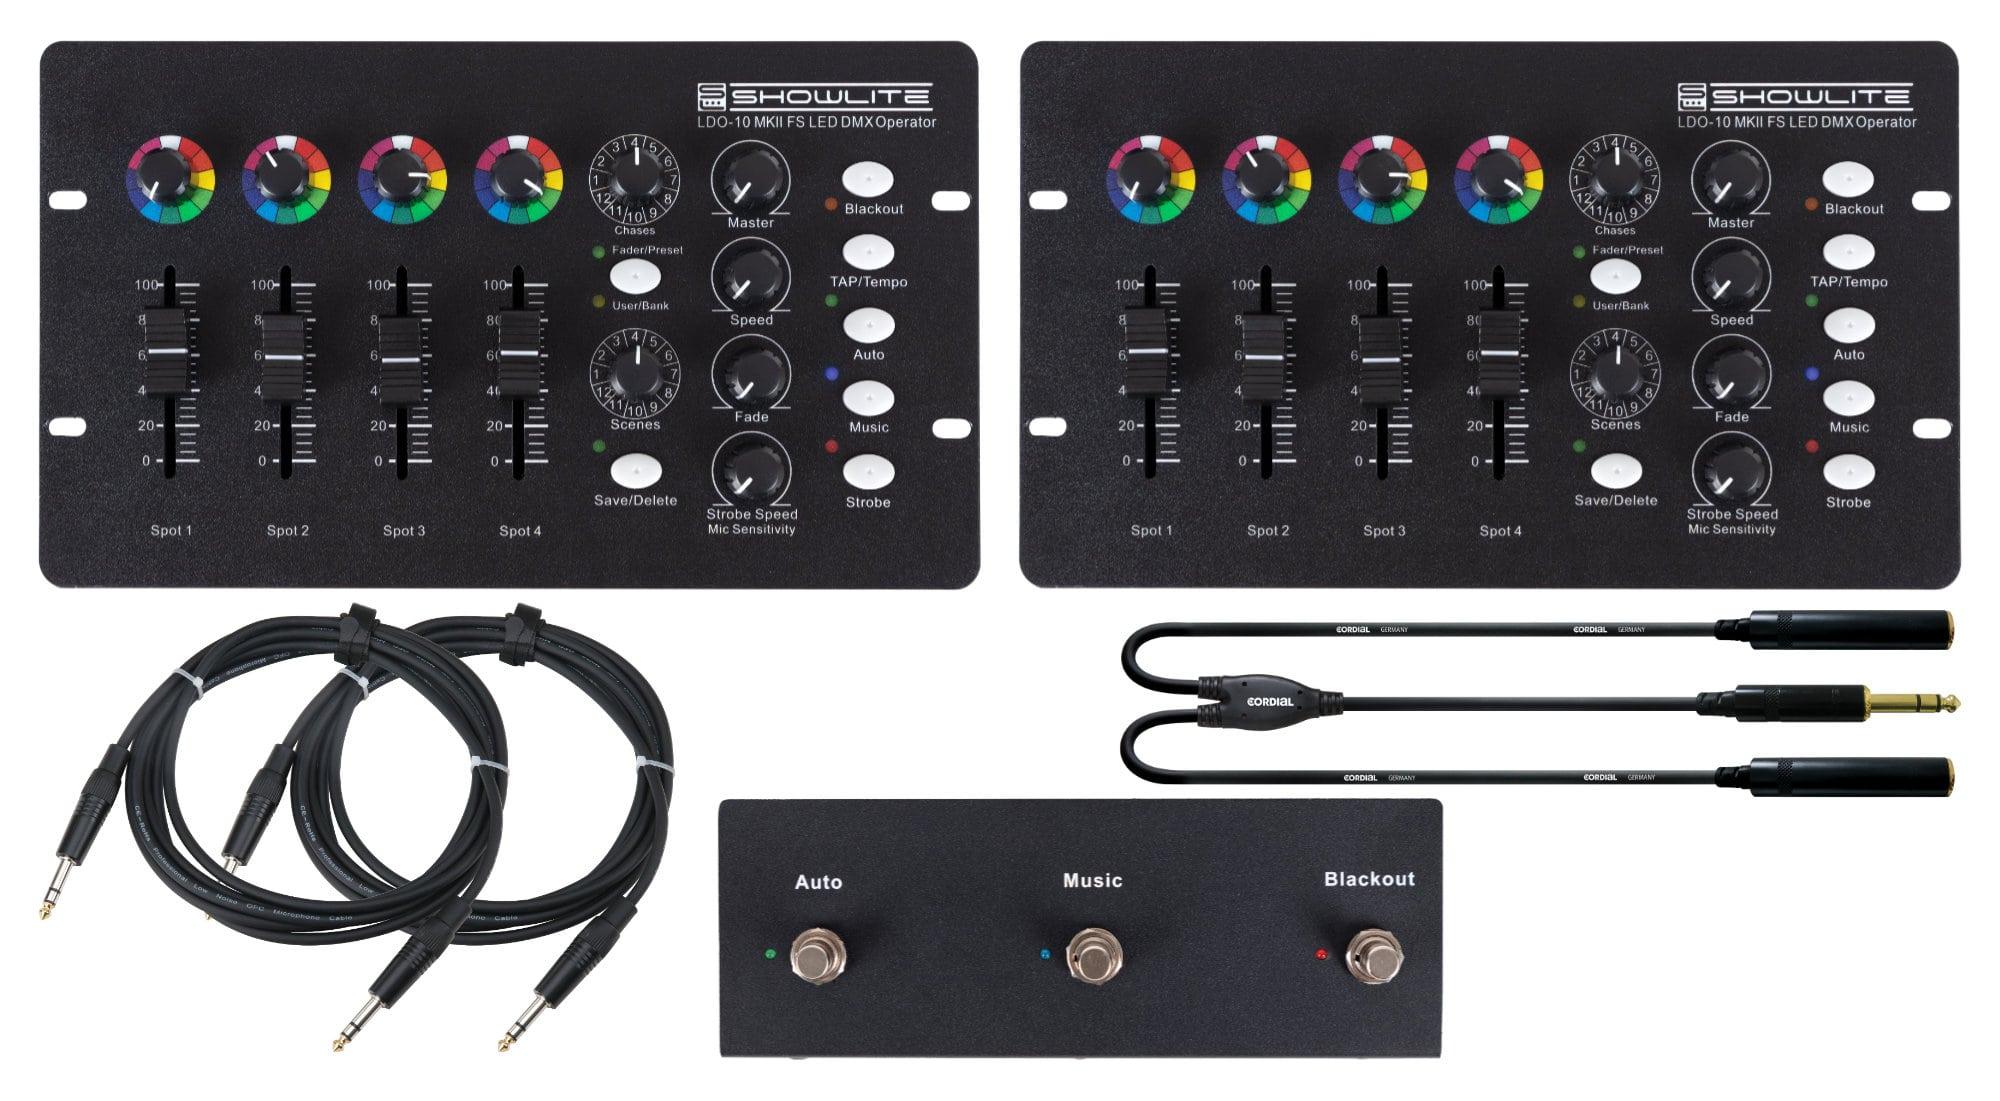 Lichtsteuerung - Showlite LDO 10 MKII FS LED DMX Operator Footswitch Dual Set - Onlineshop Musikhaus Kirstein